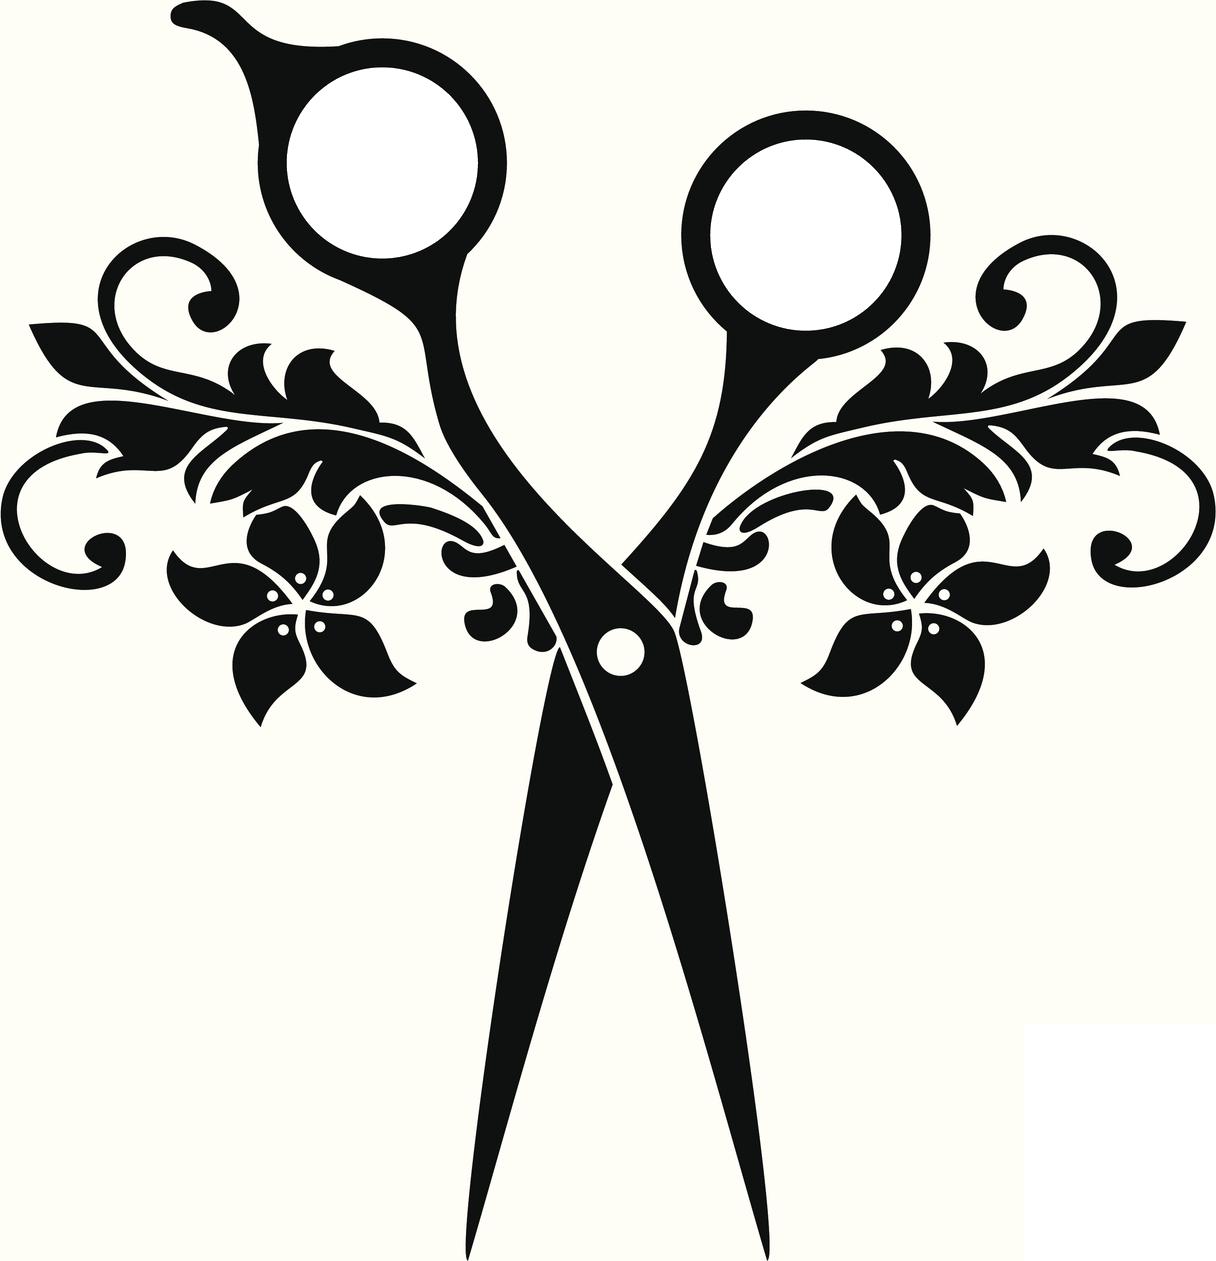 цветной мелкие картинки для логотипа лечения